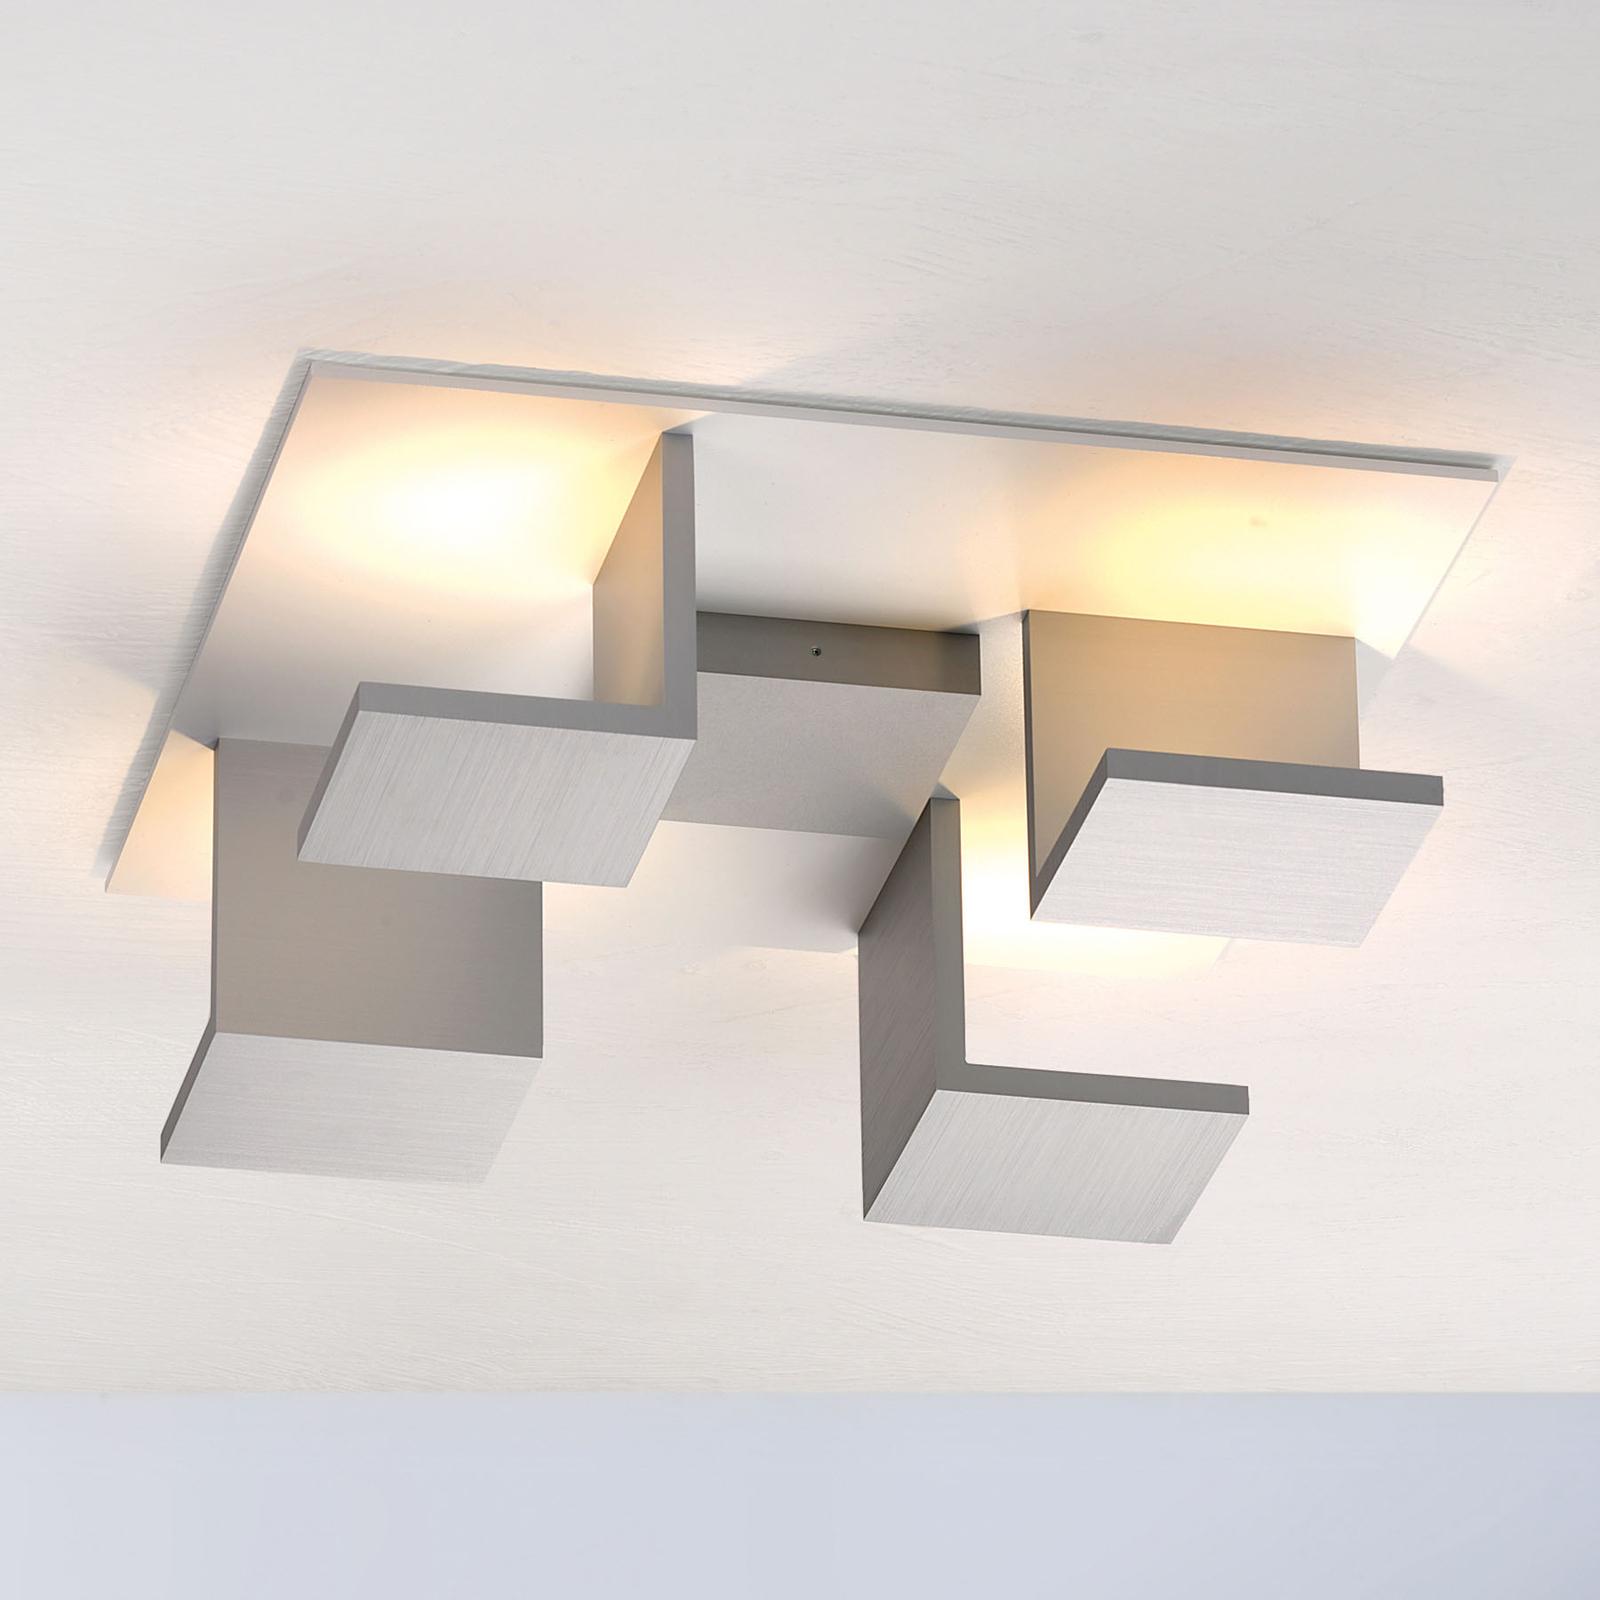 Bopp Reflections taklampe firkantet hvit/alu